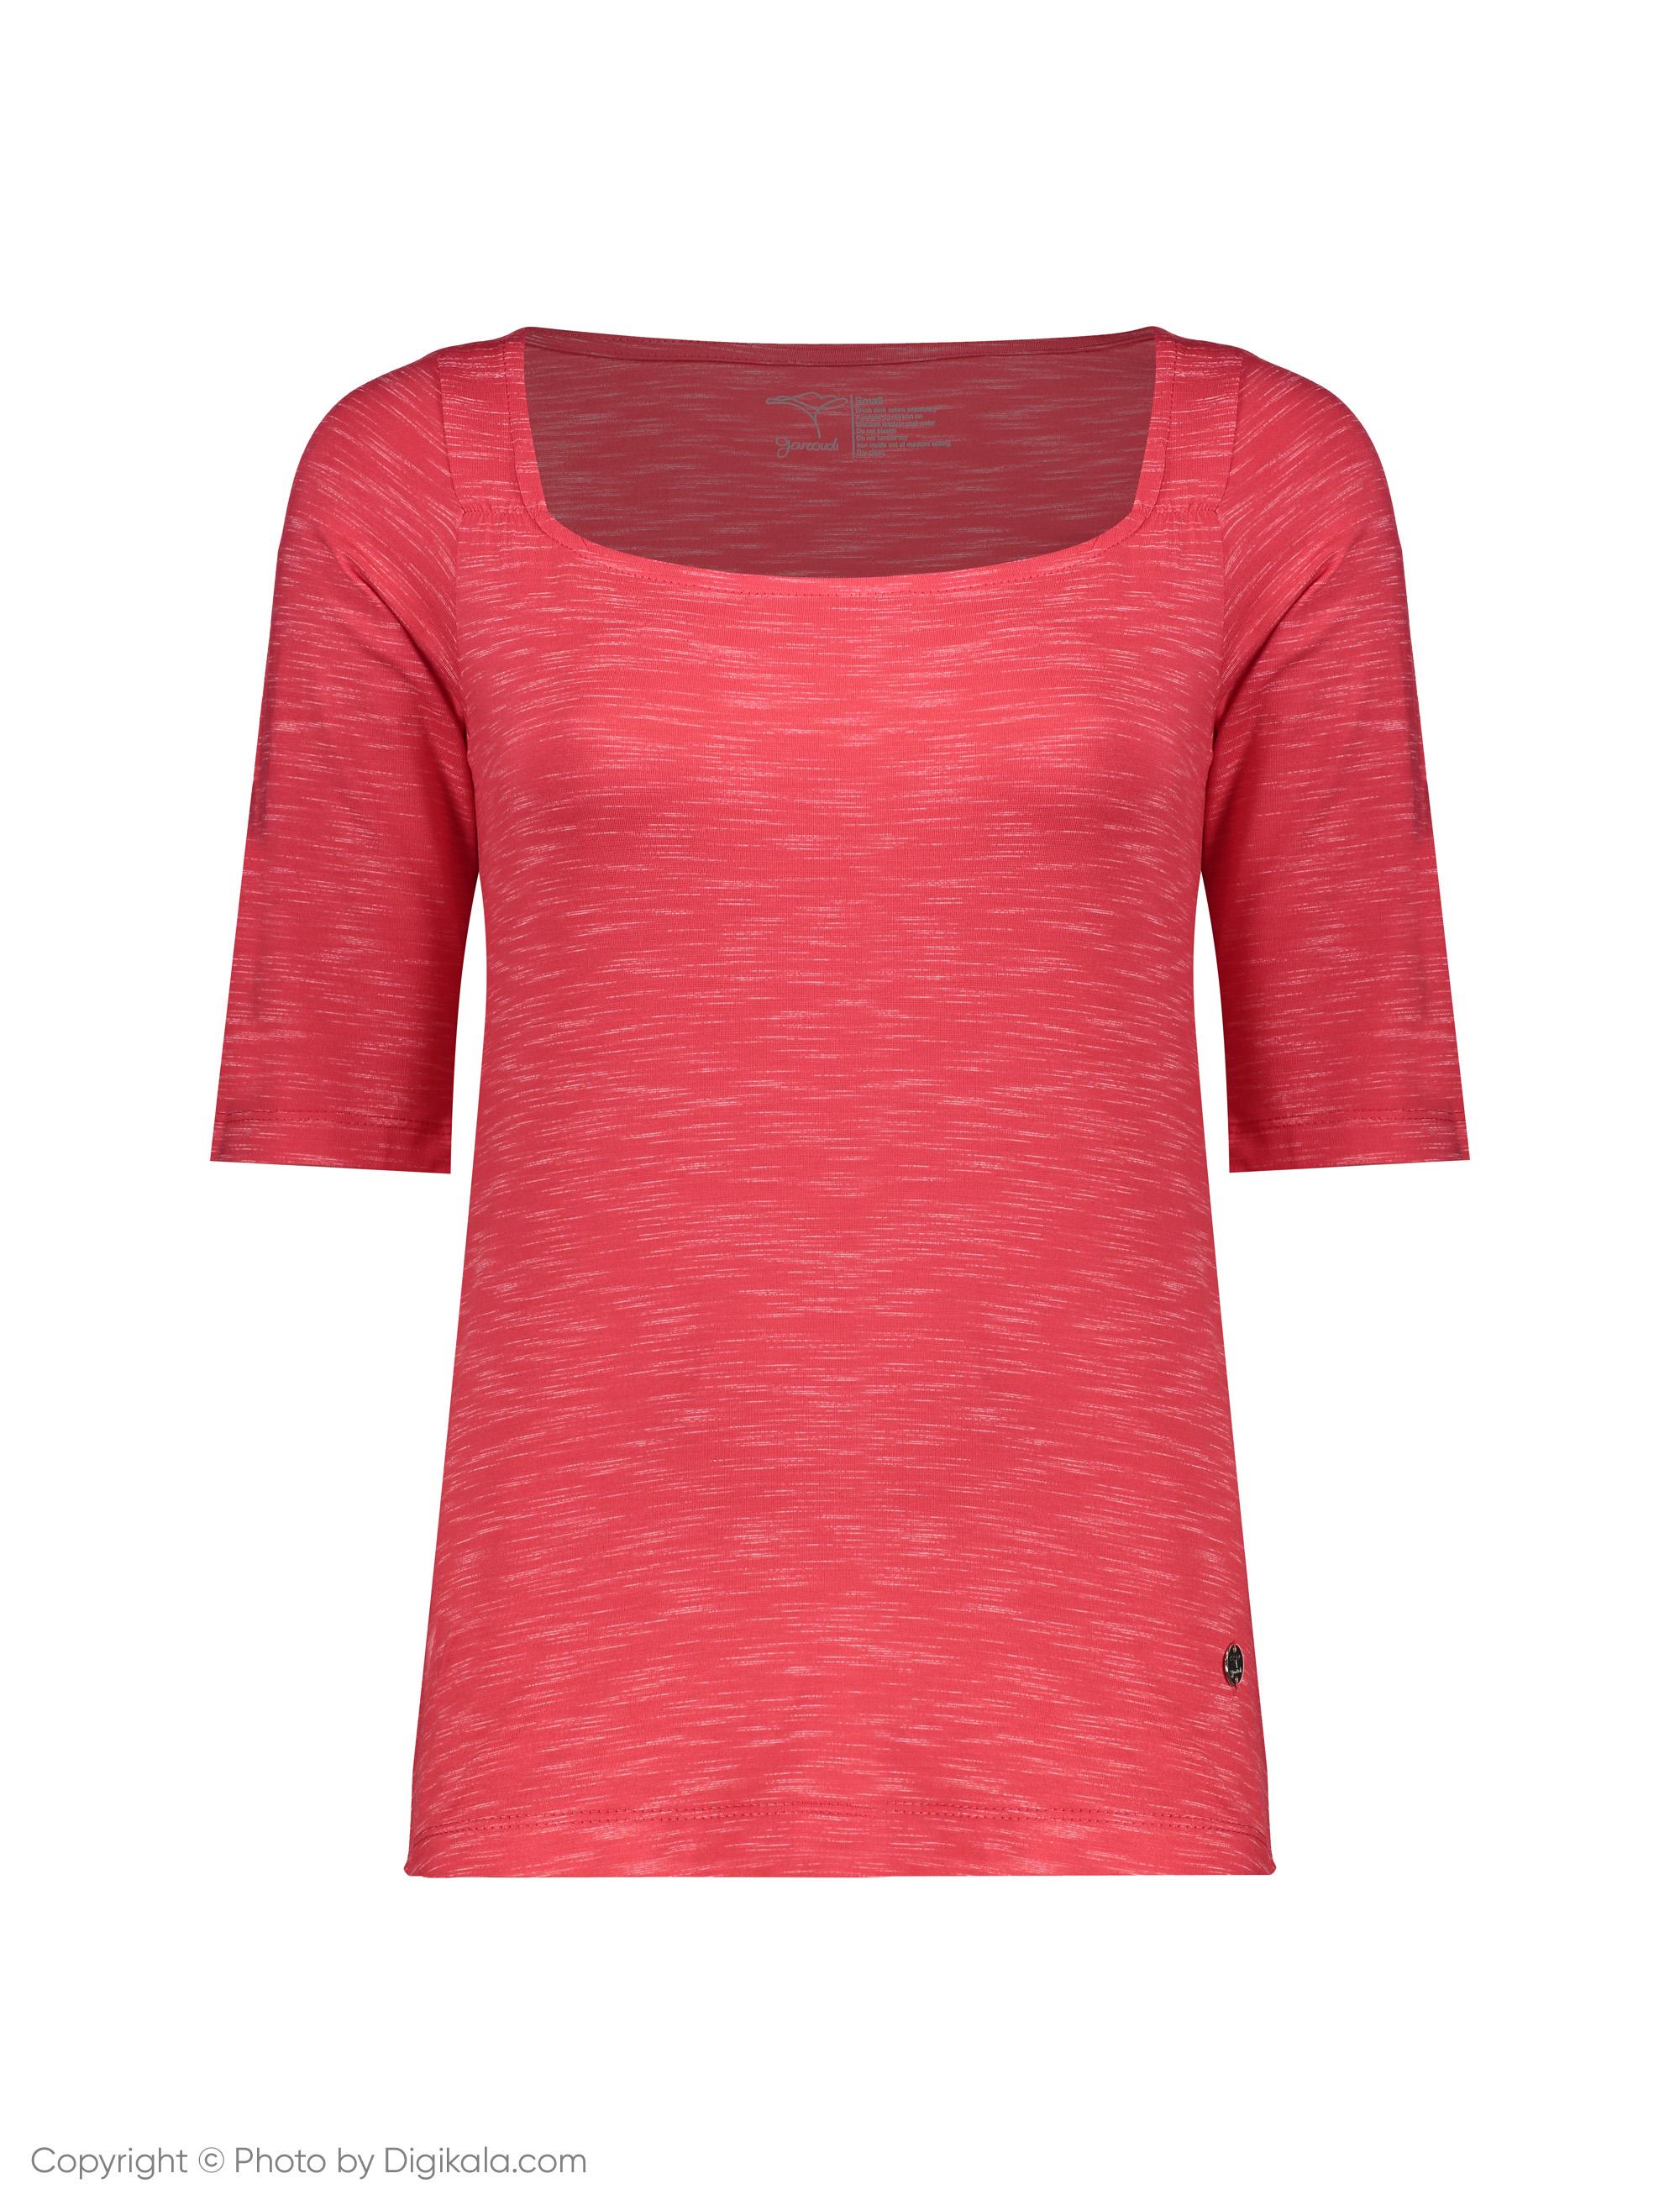 تی شرت زنانه گارودی مدل 1003112018-85 -  - 1